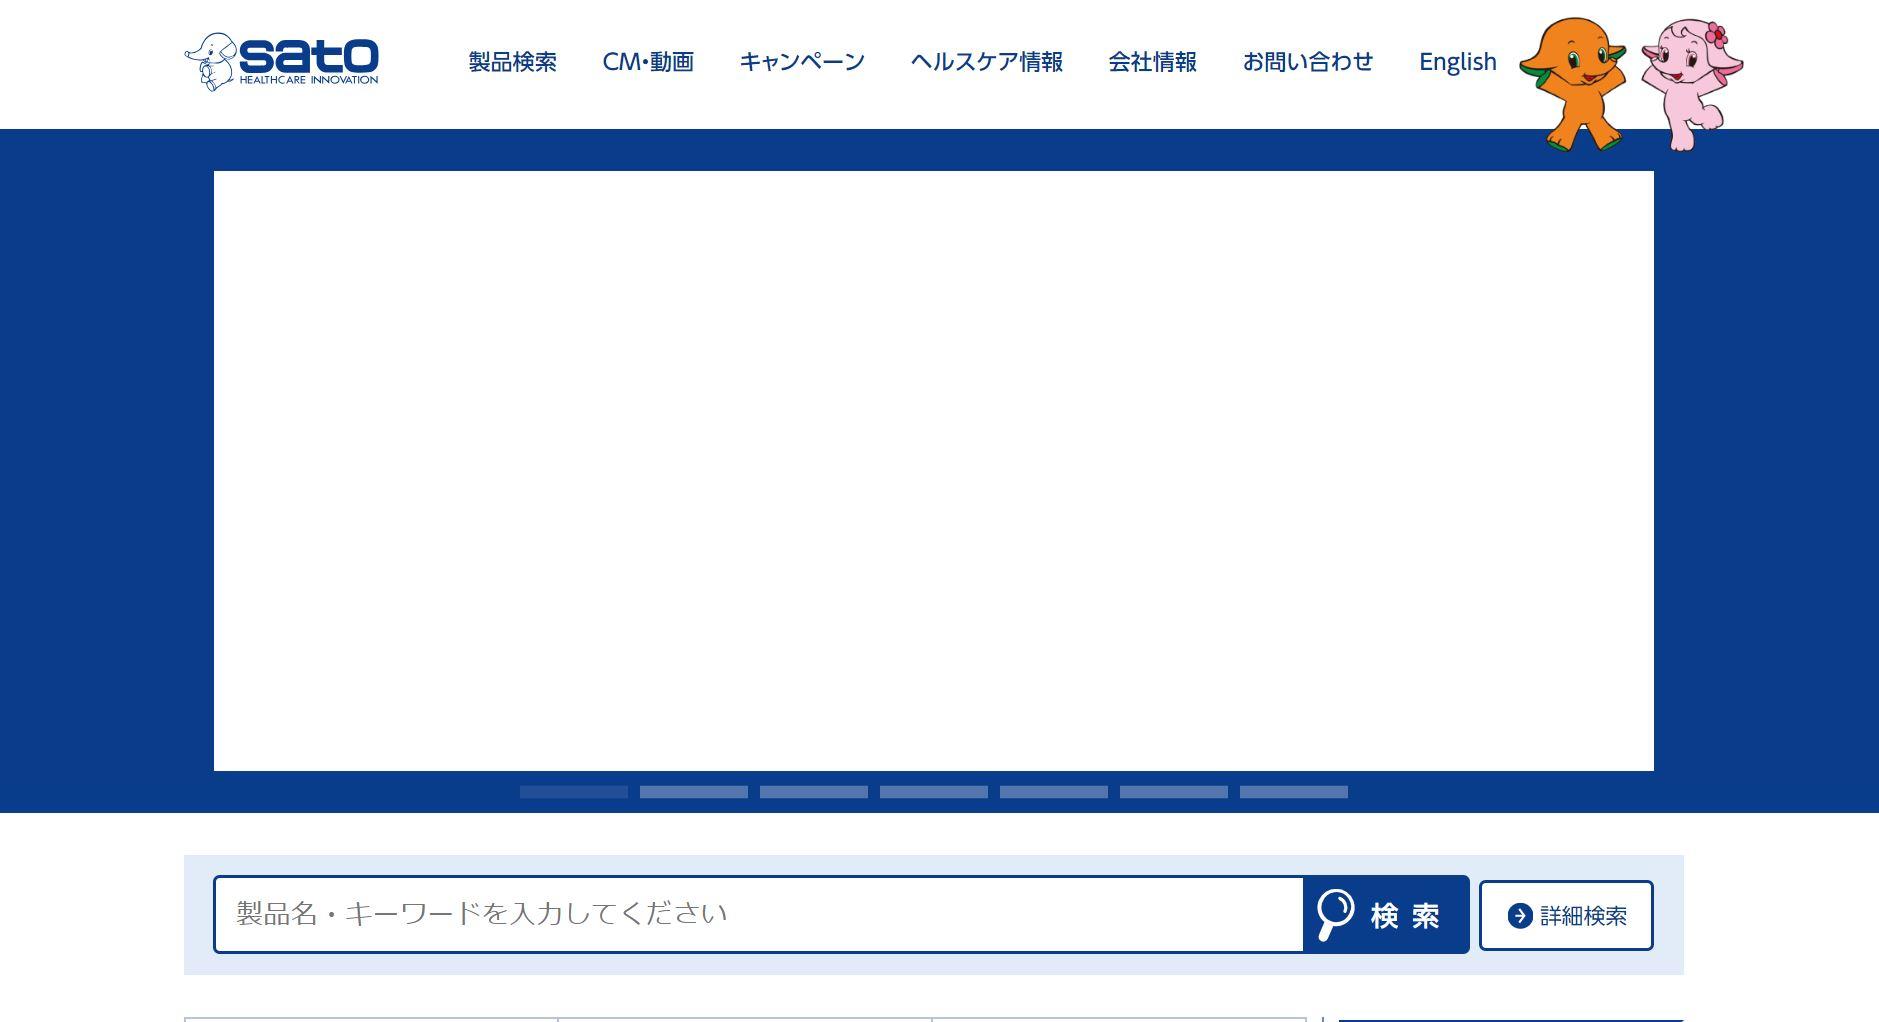 佐藤製薬の評判・口コミ